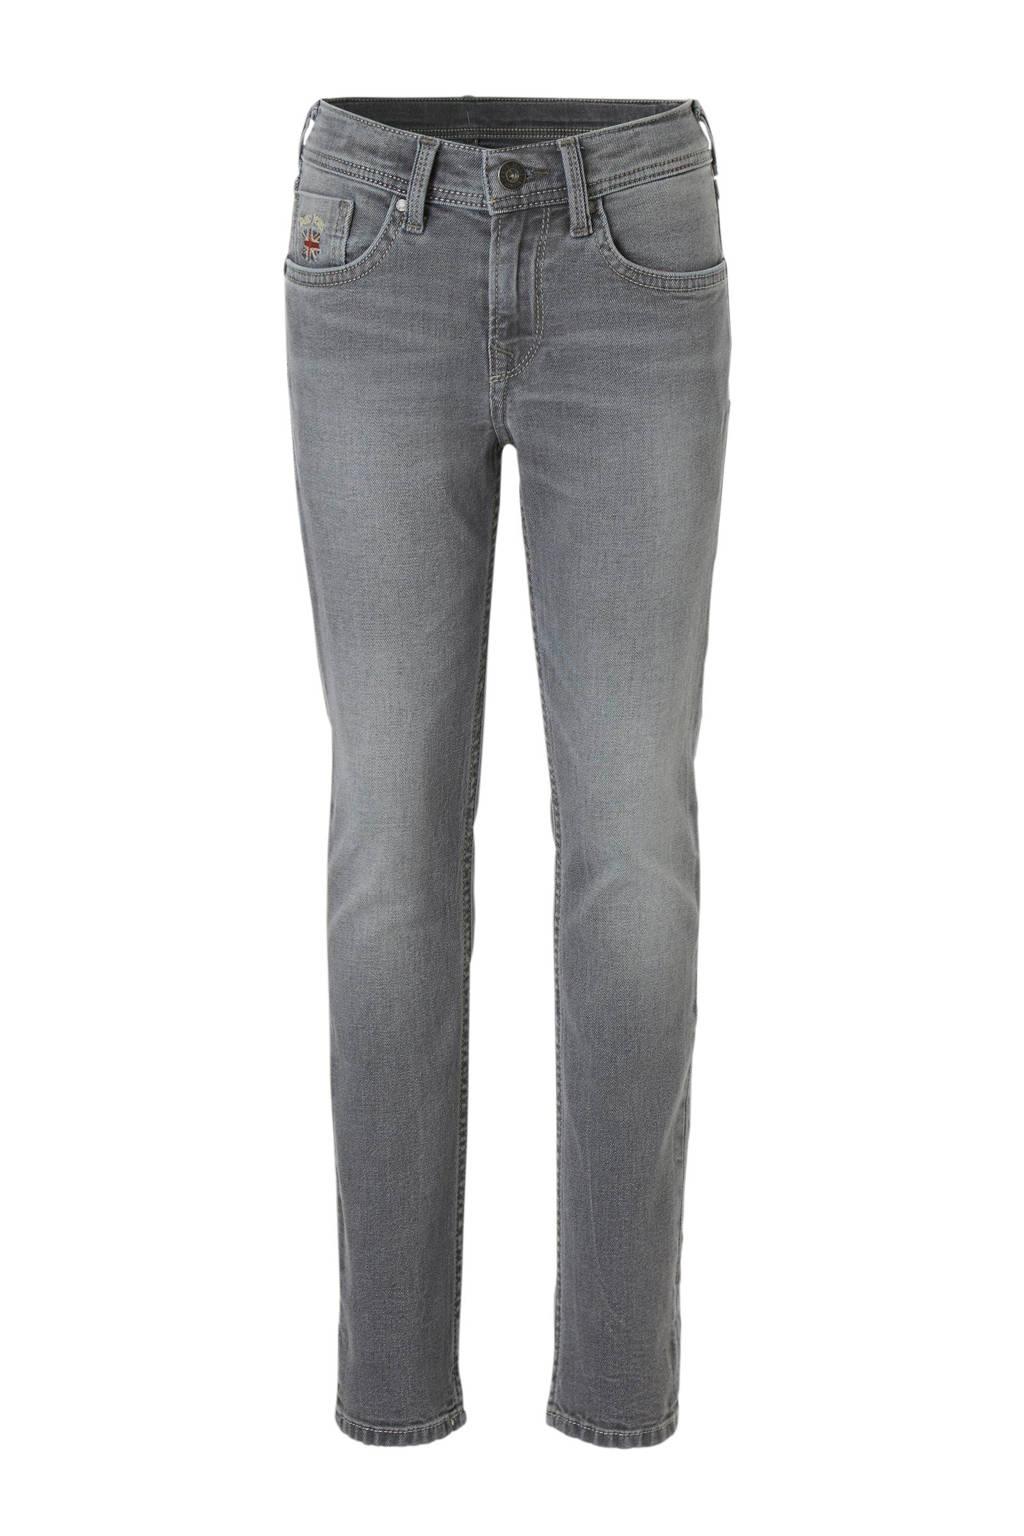 Pepe Jeans slim fit jeans Emerson grijs, Grijs